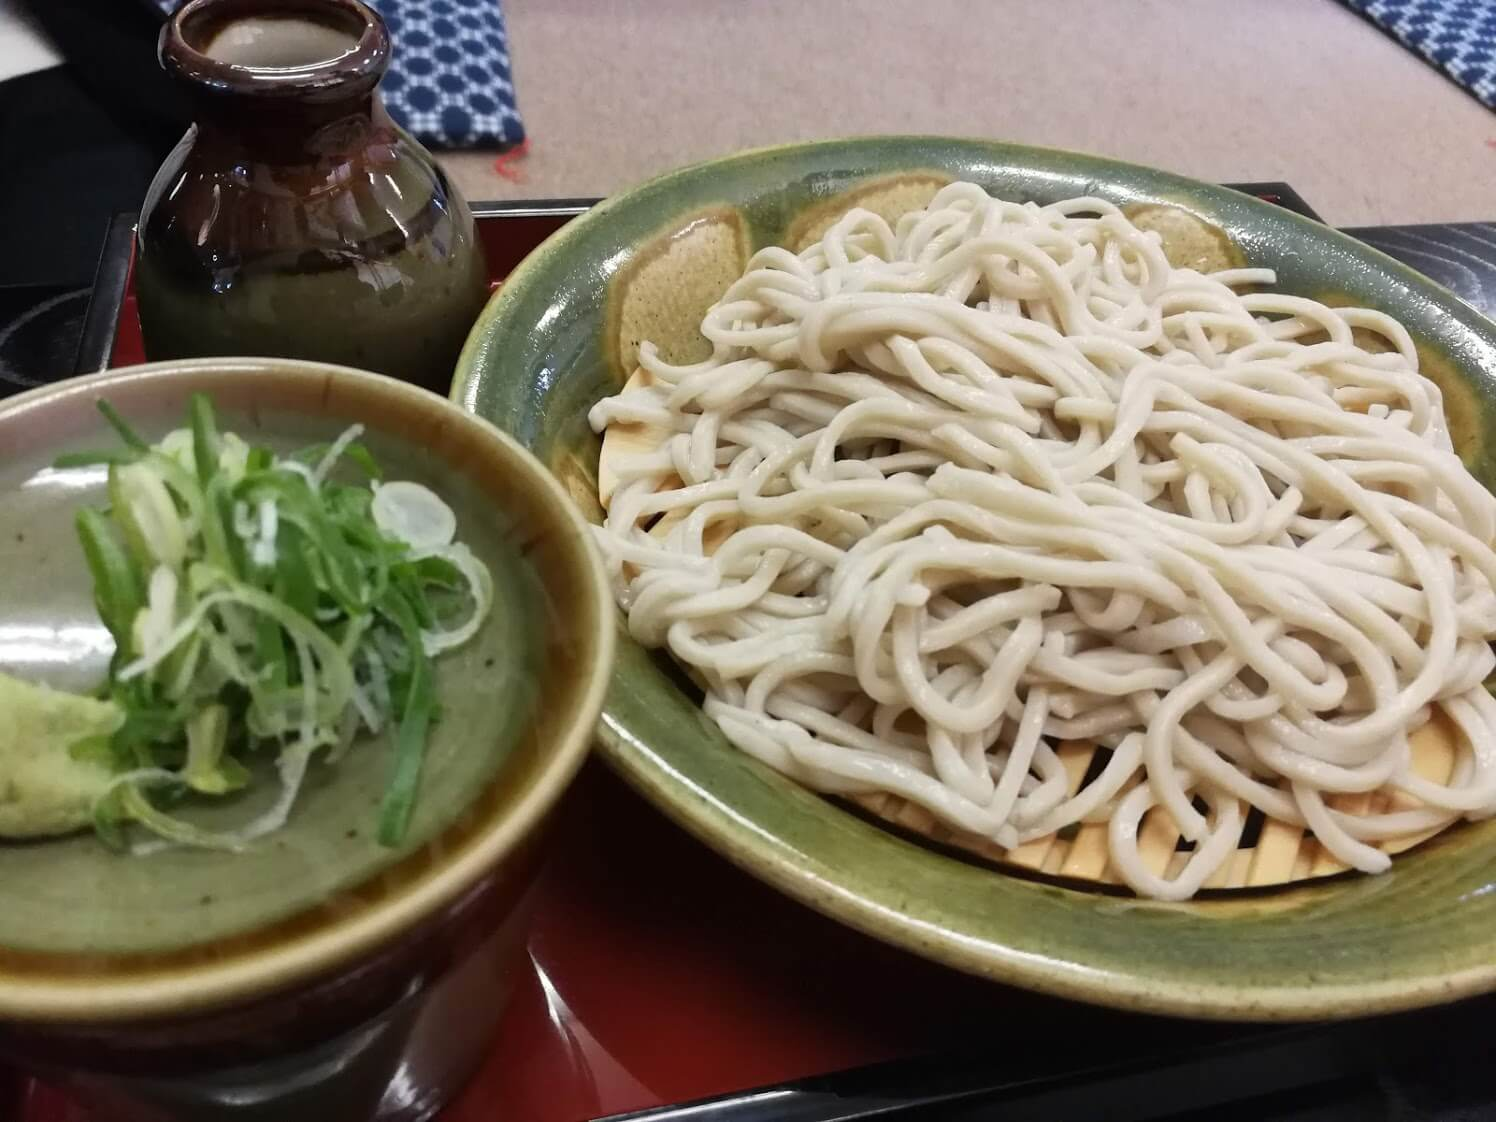 そば禅|総持寺近くの能登半島・門前で素朴なそばを食す!